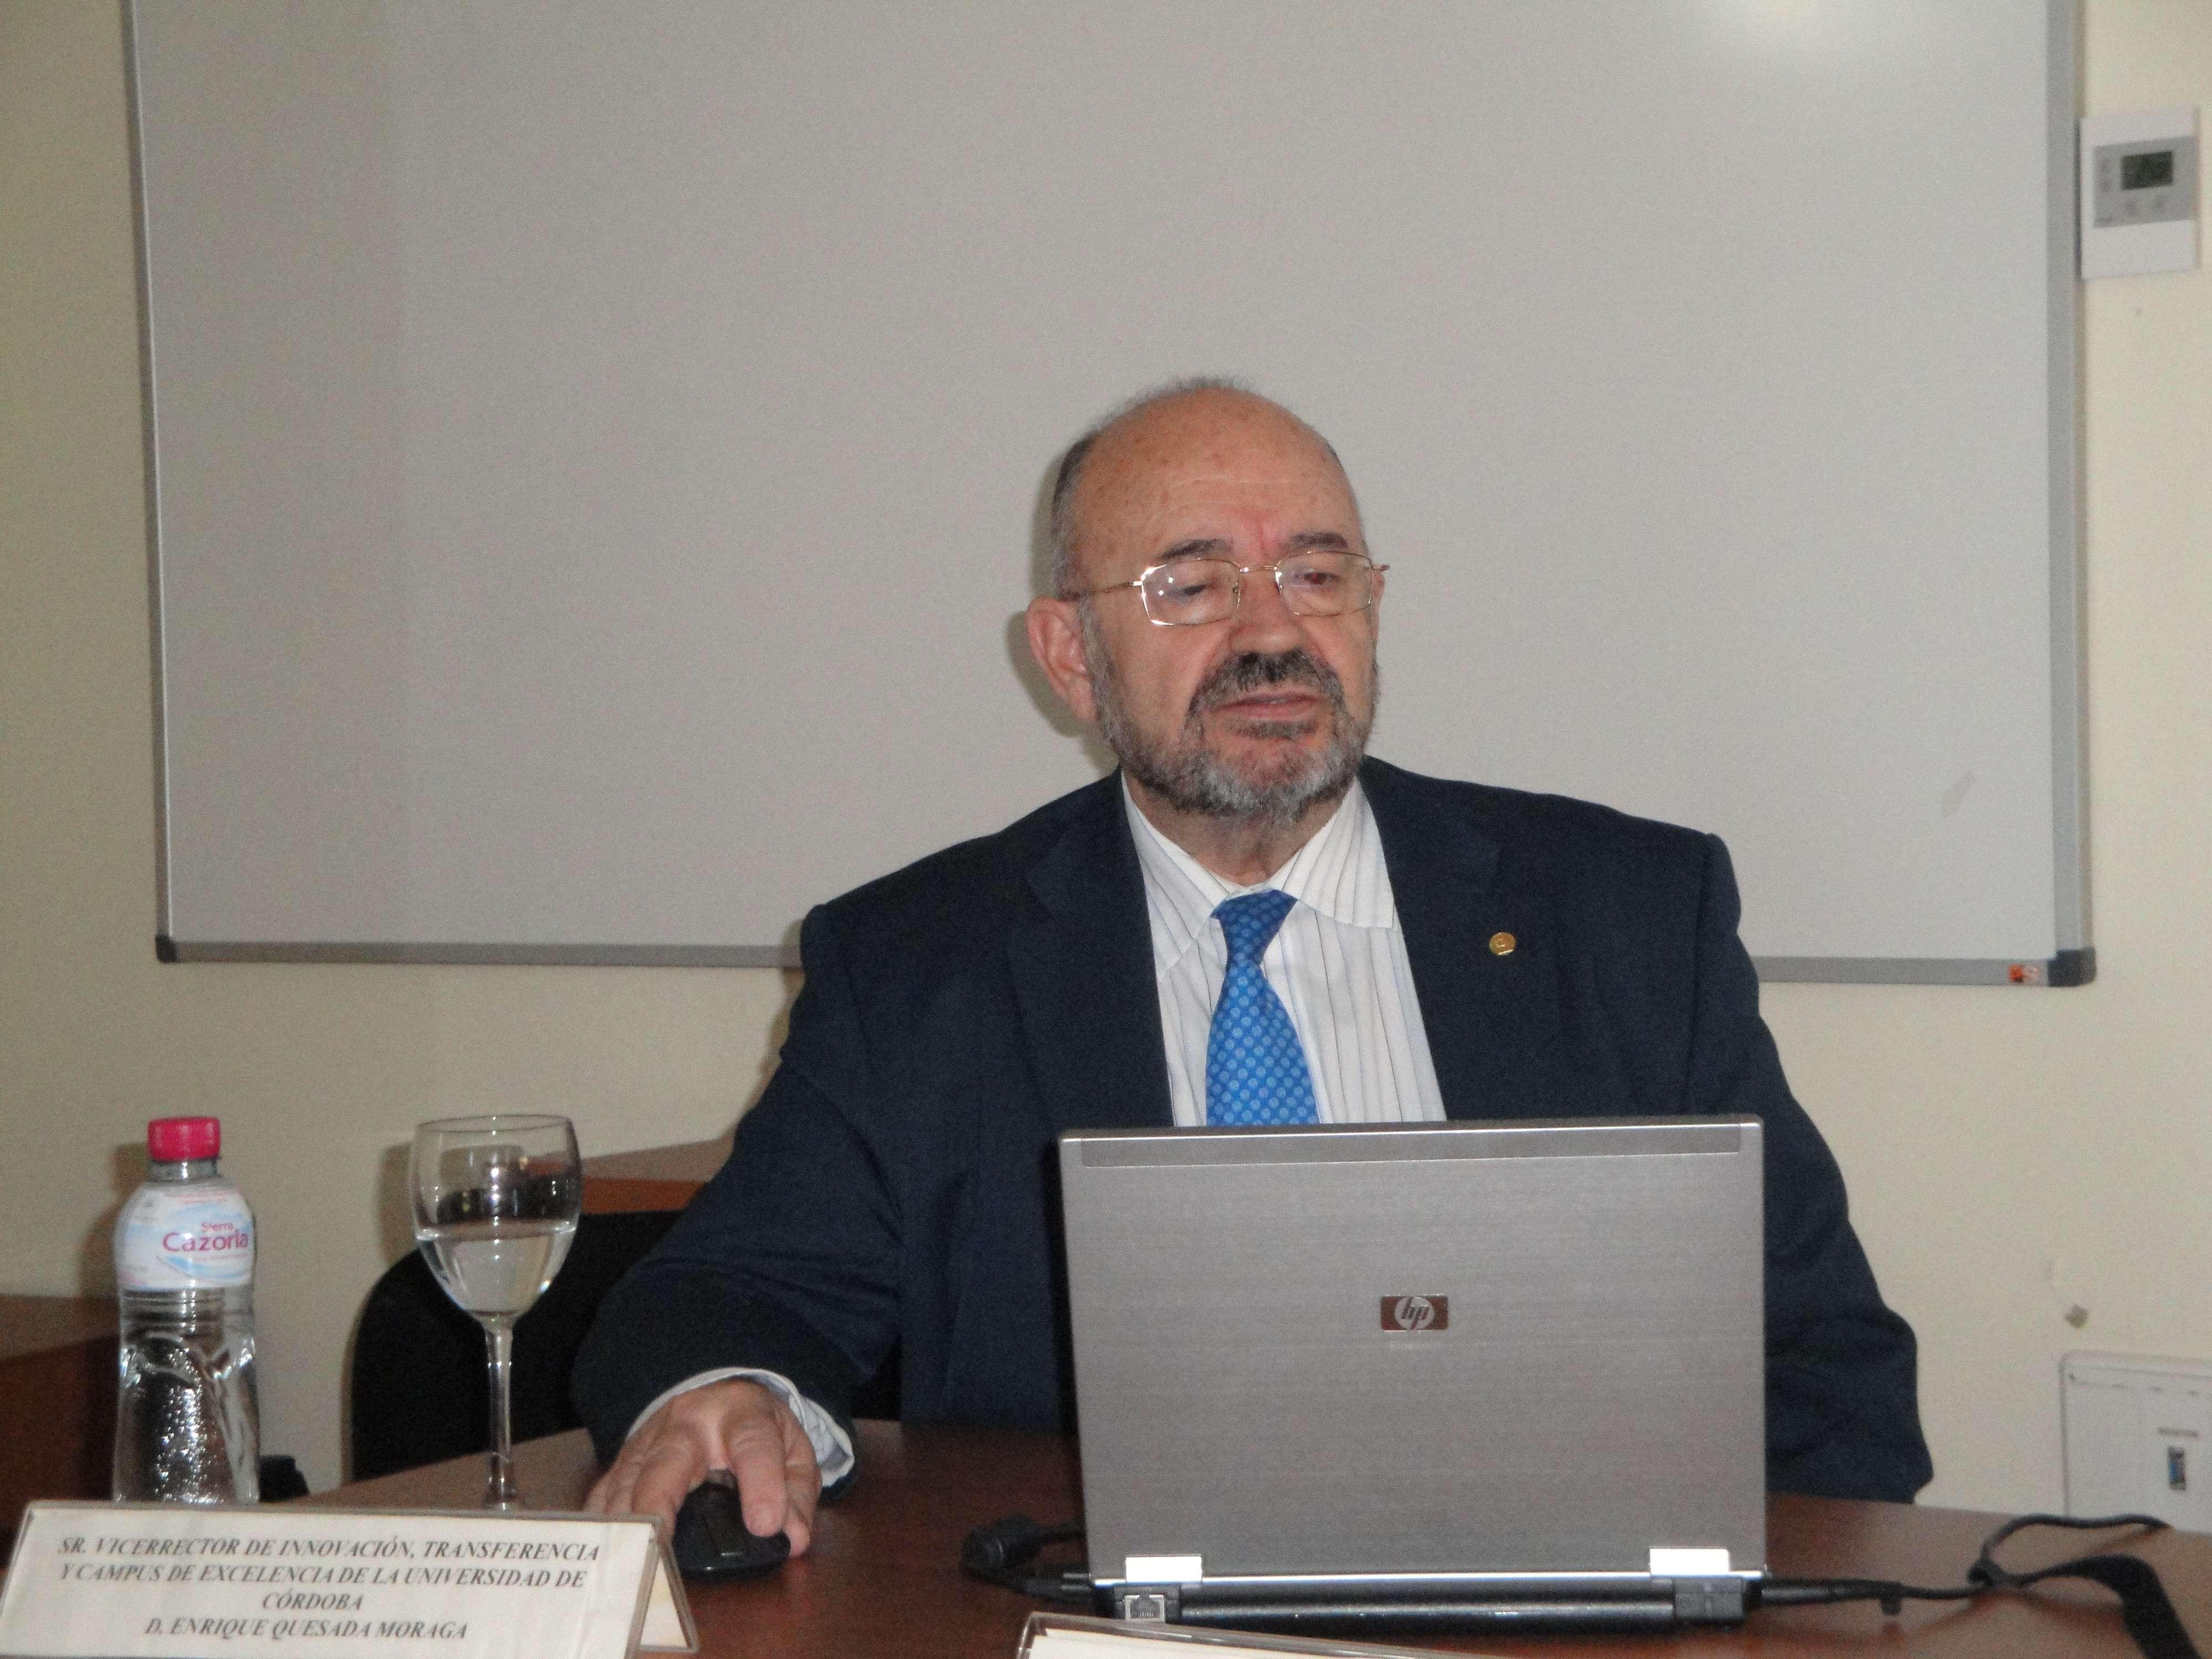 Manuel Jiménez Díaz